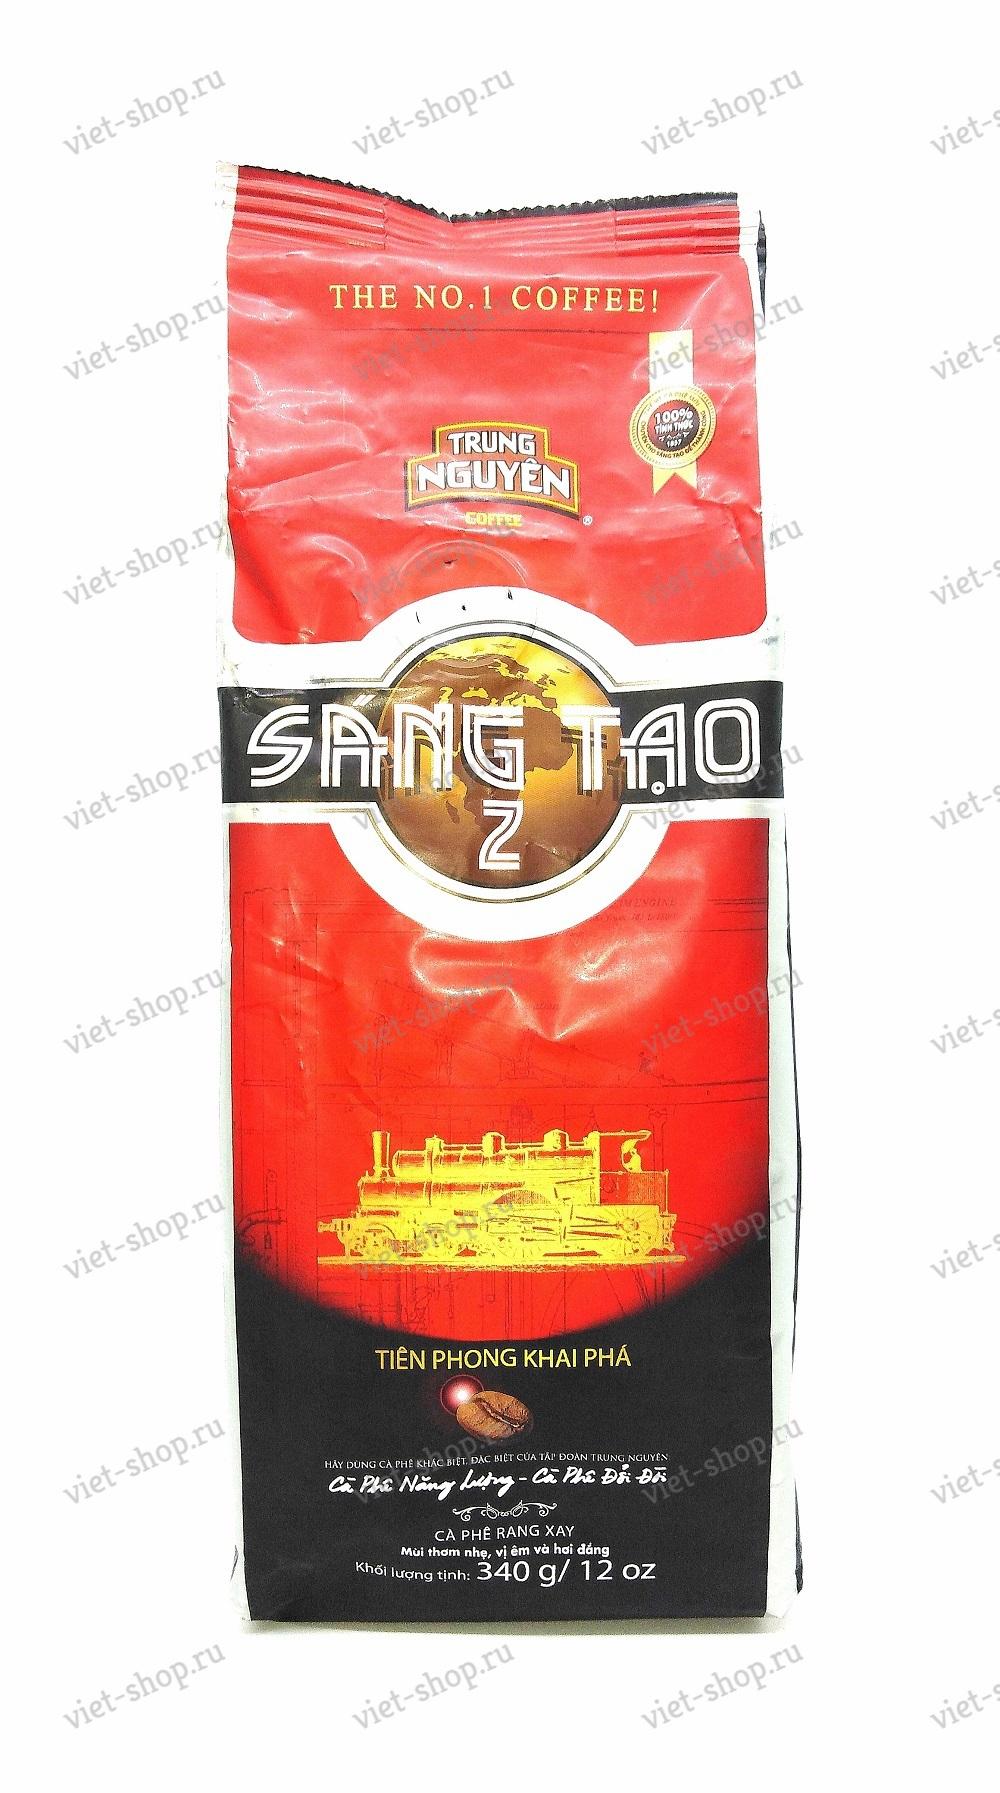 вьетнамский кофе Sang Tao